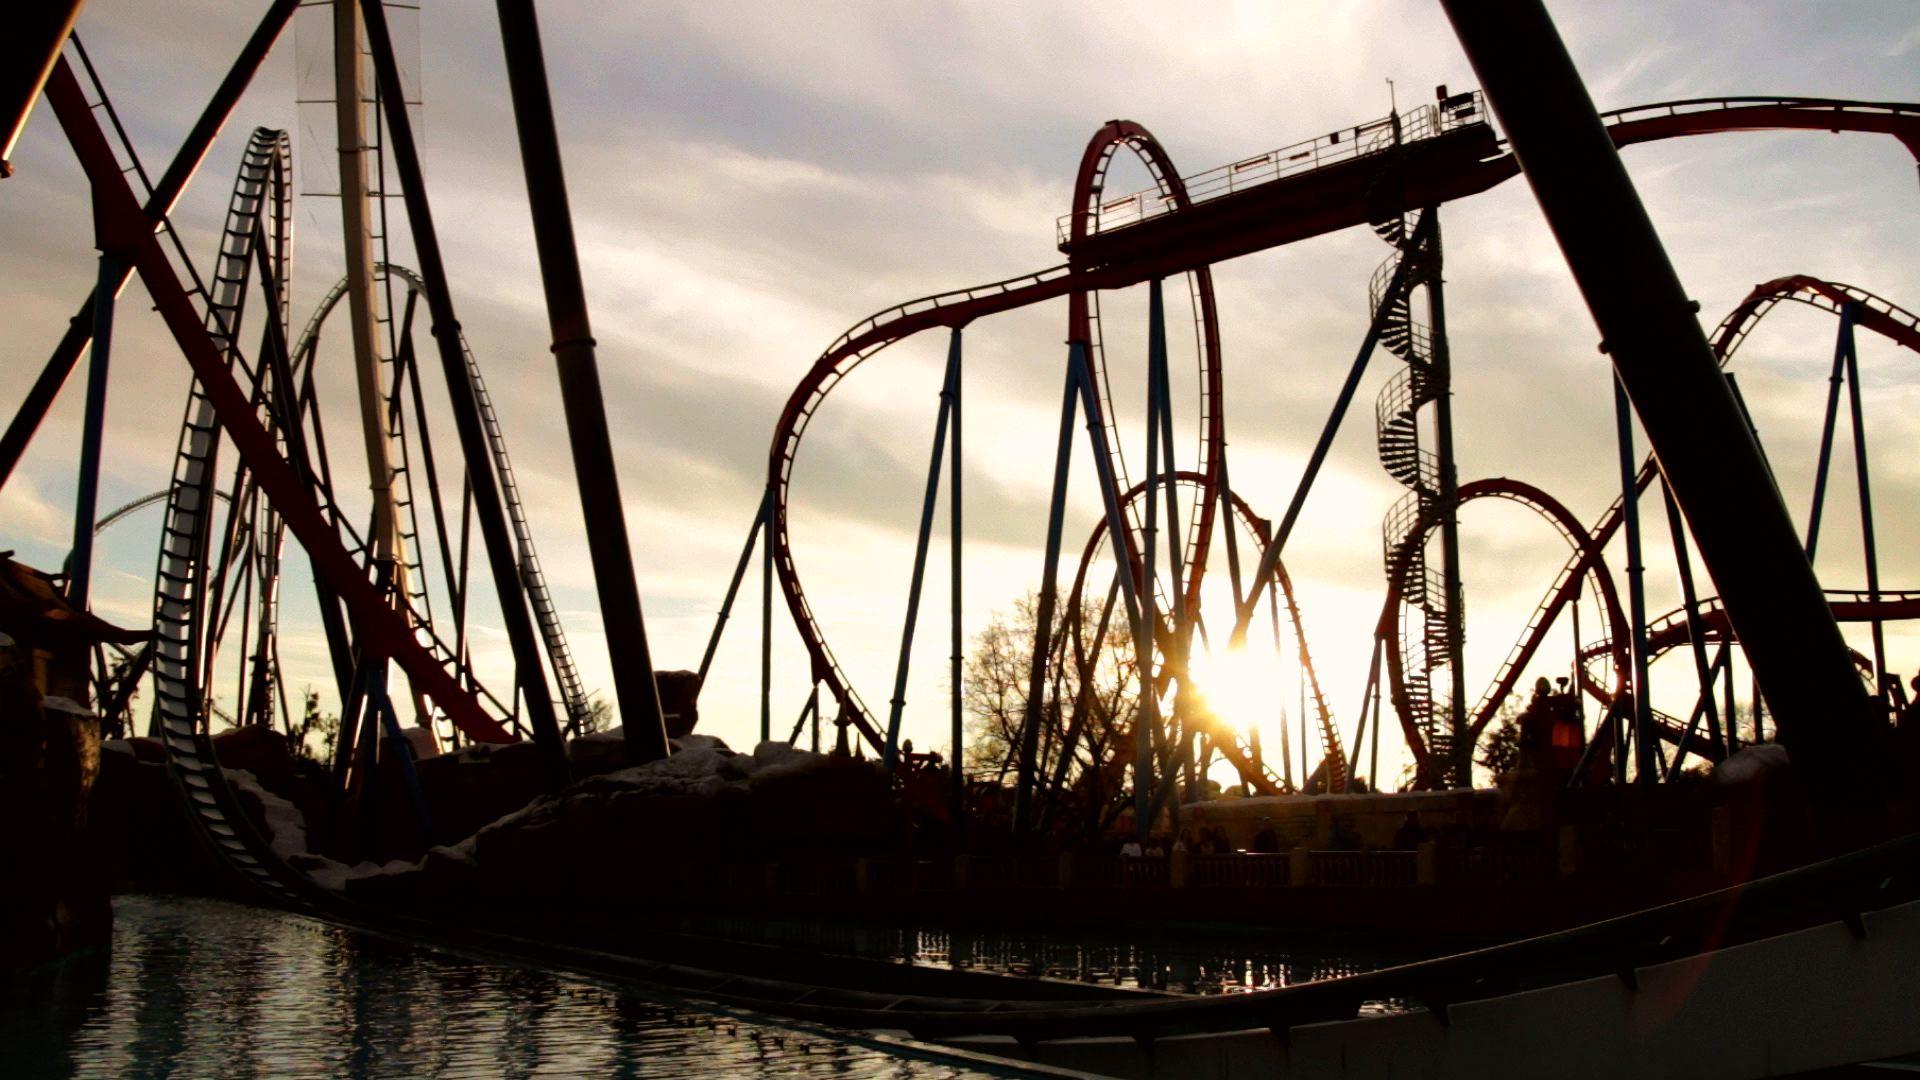 Amusement park tips